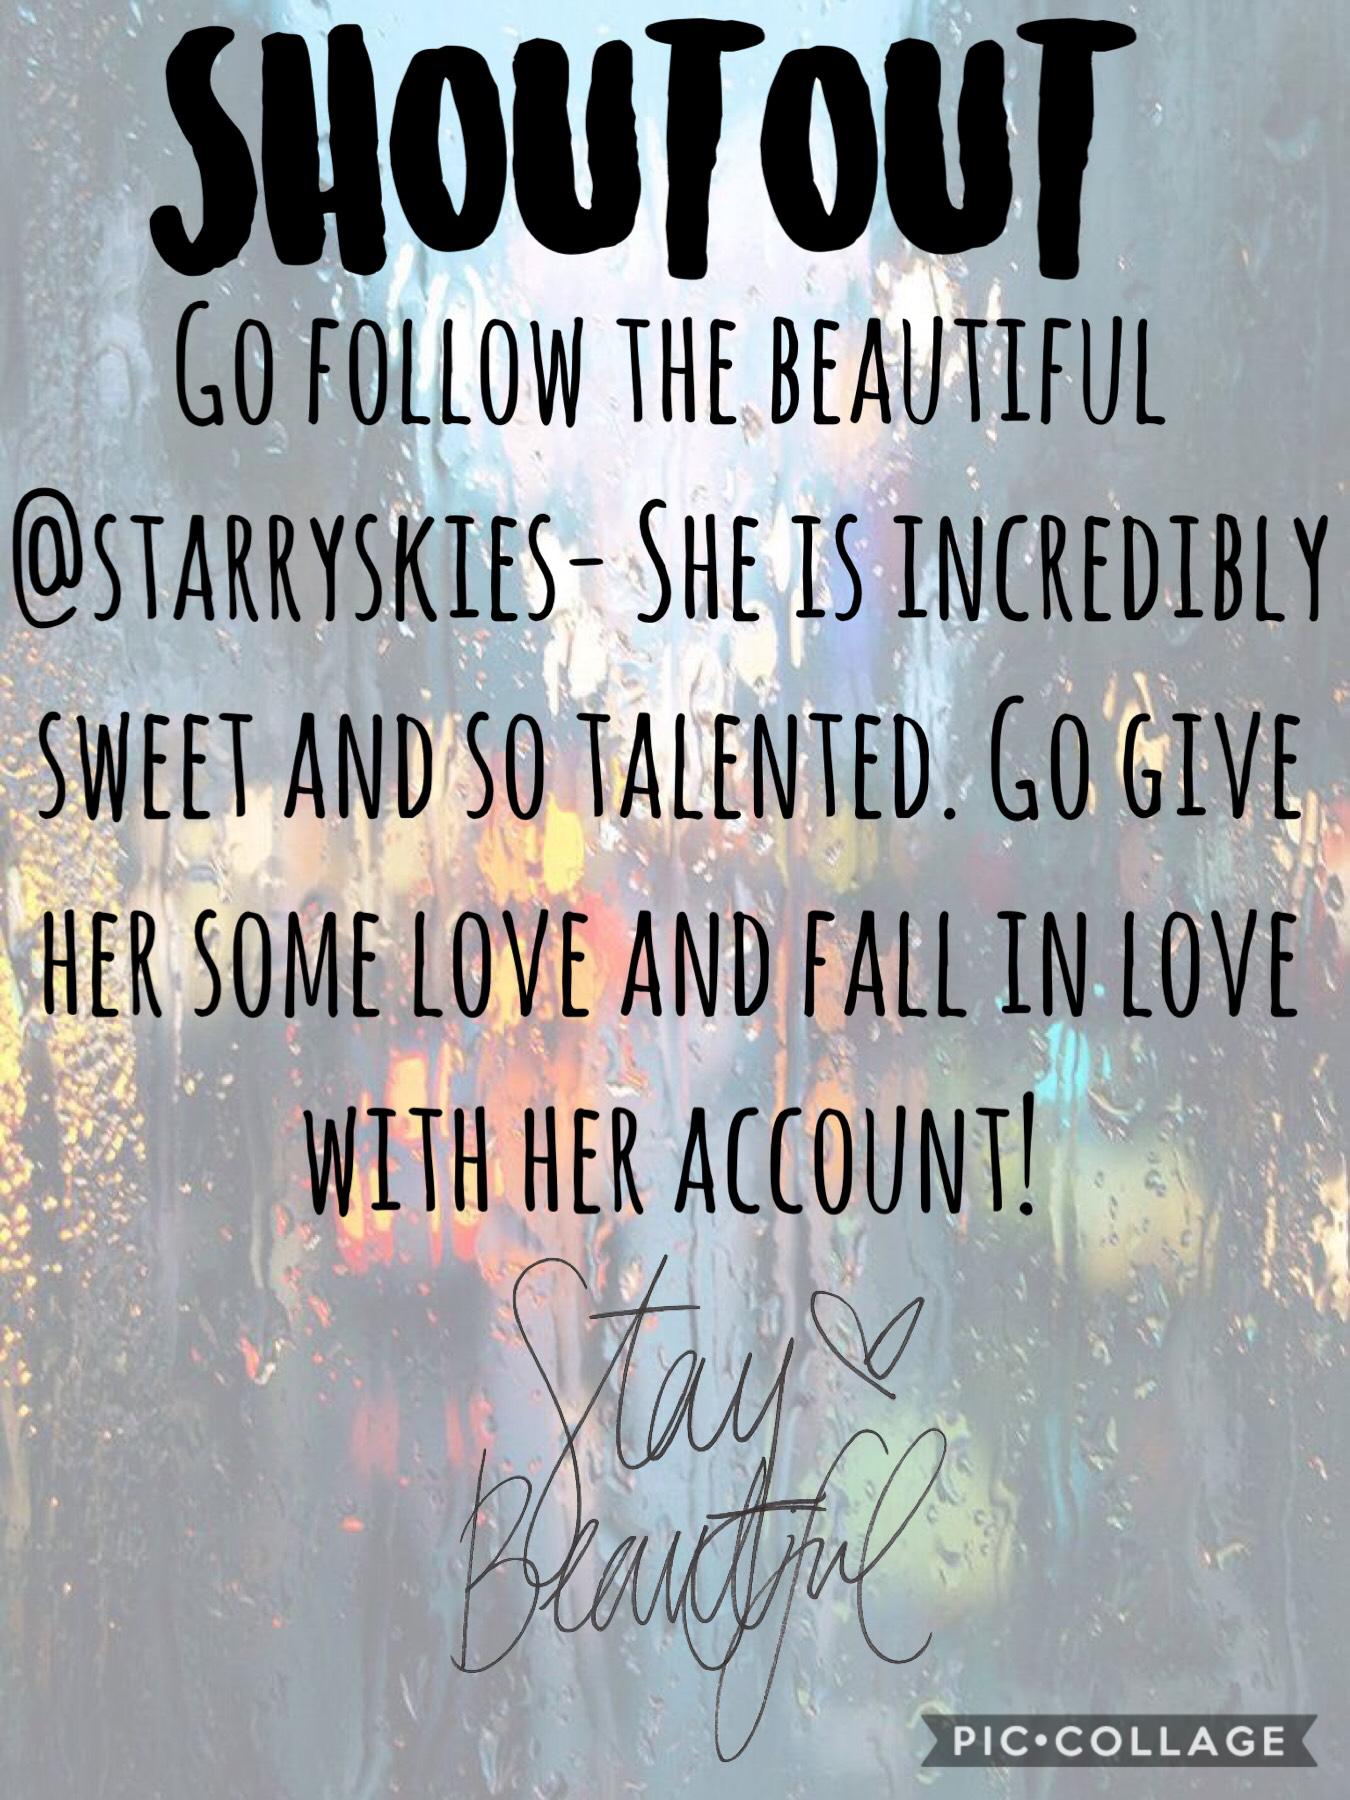 Go follow her!